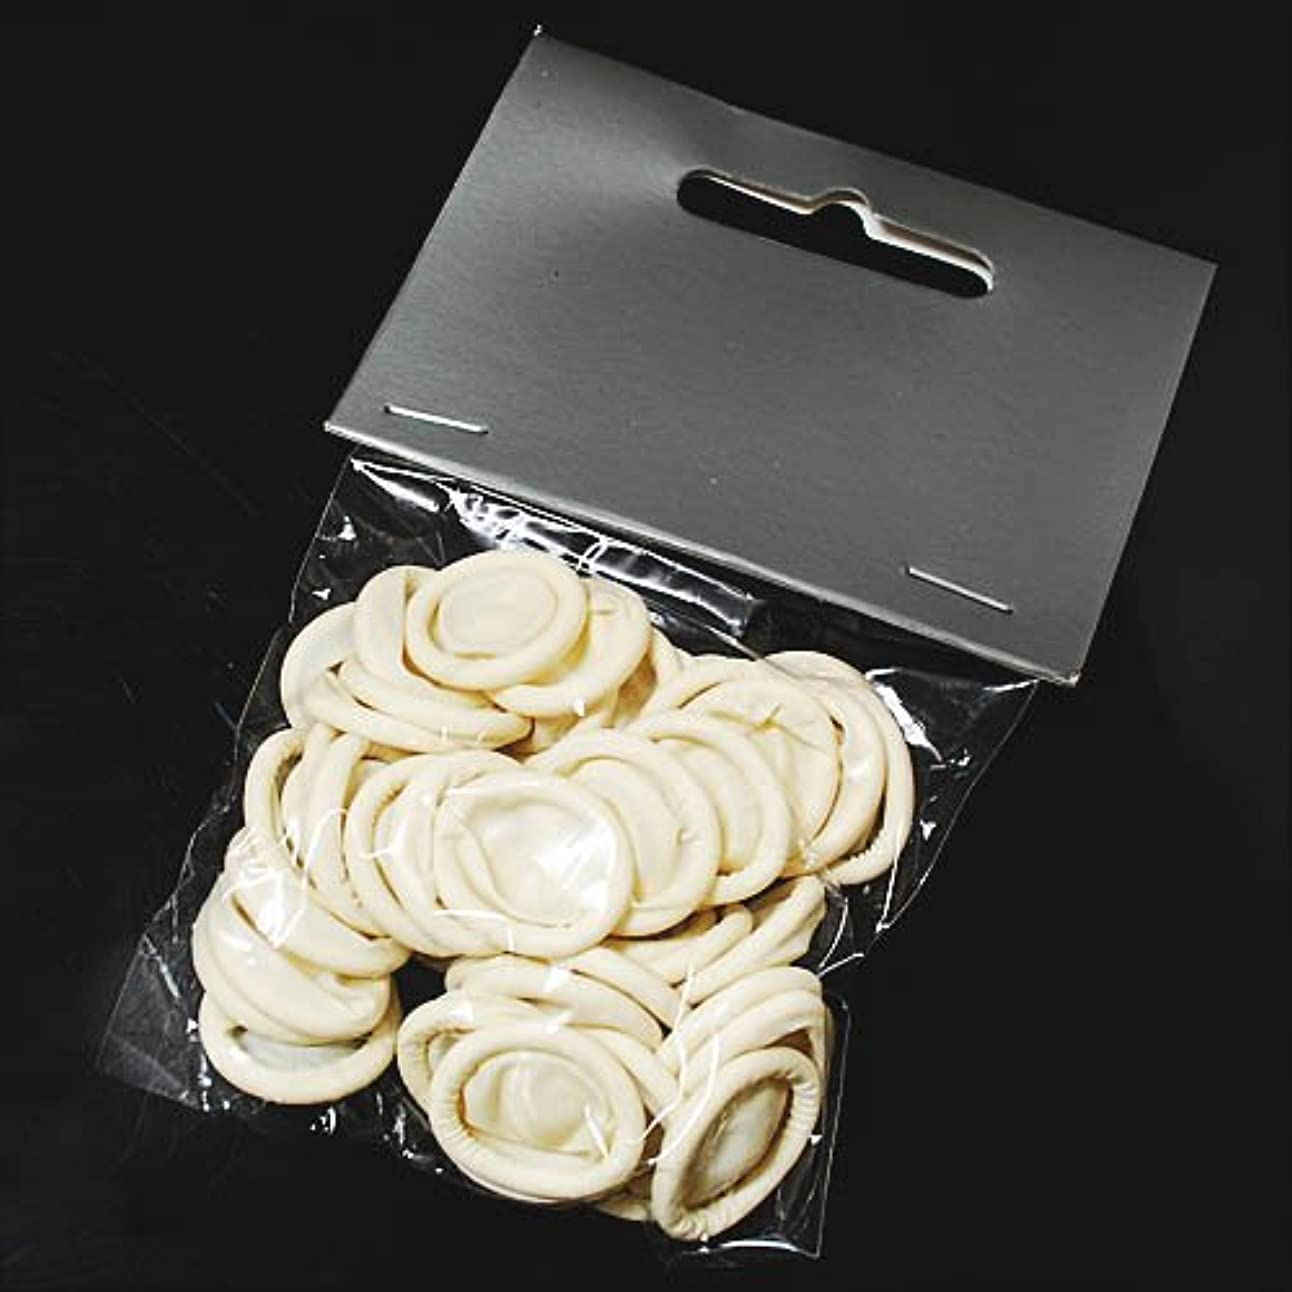 心のこもったリング荒廃するジェルネイル のオフに使える ジェルネイルオフカバー [50個] フィンガーキャップ